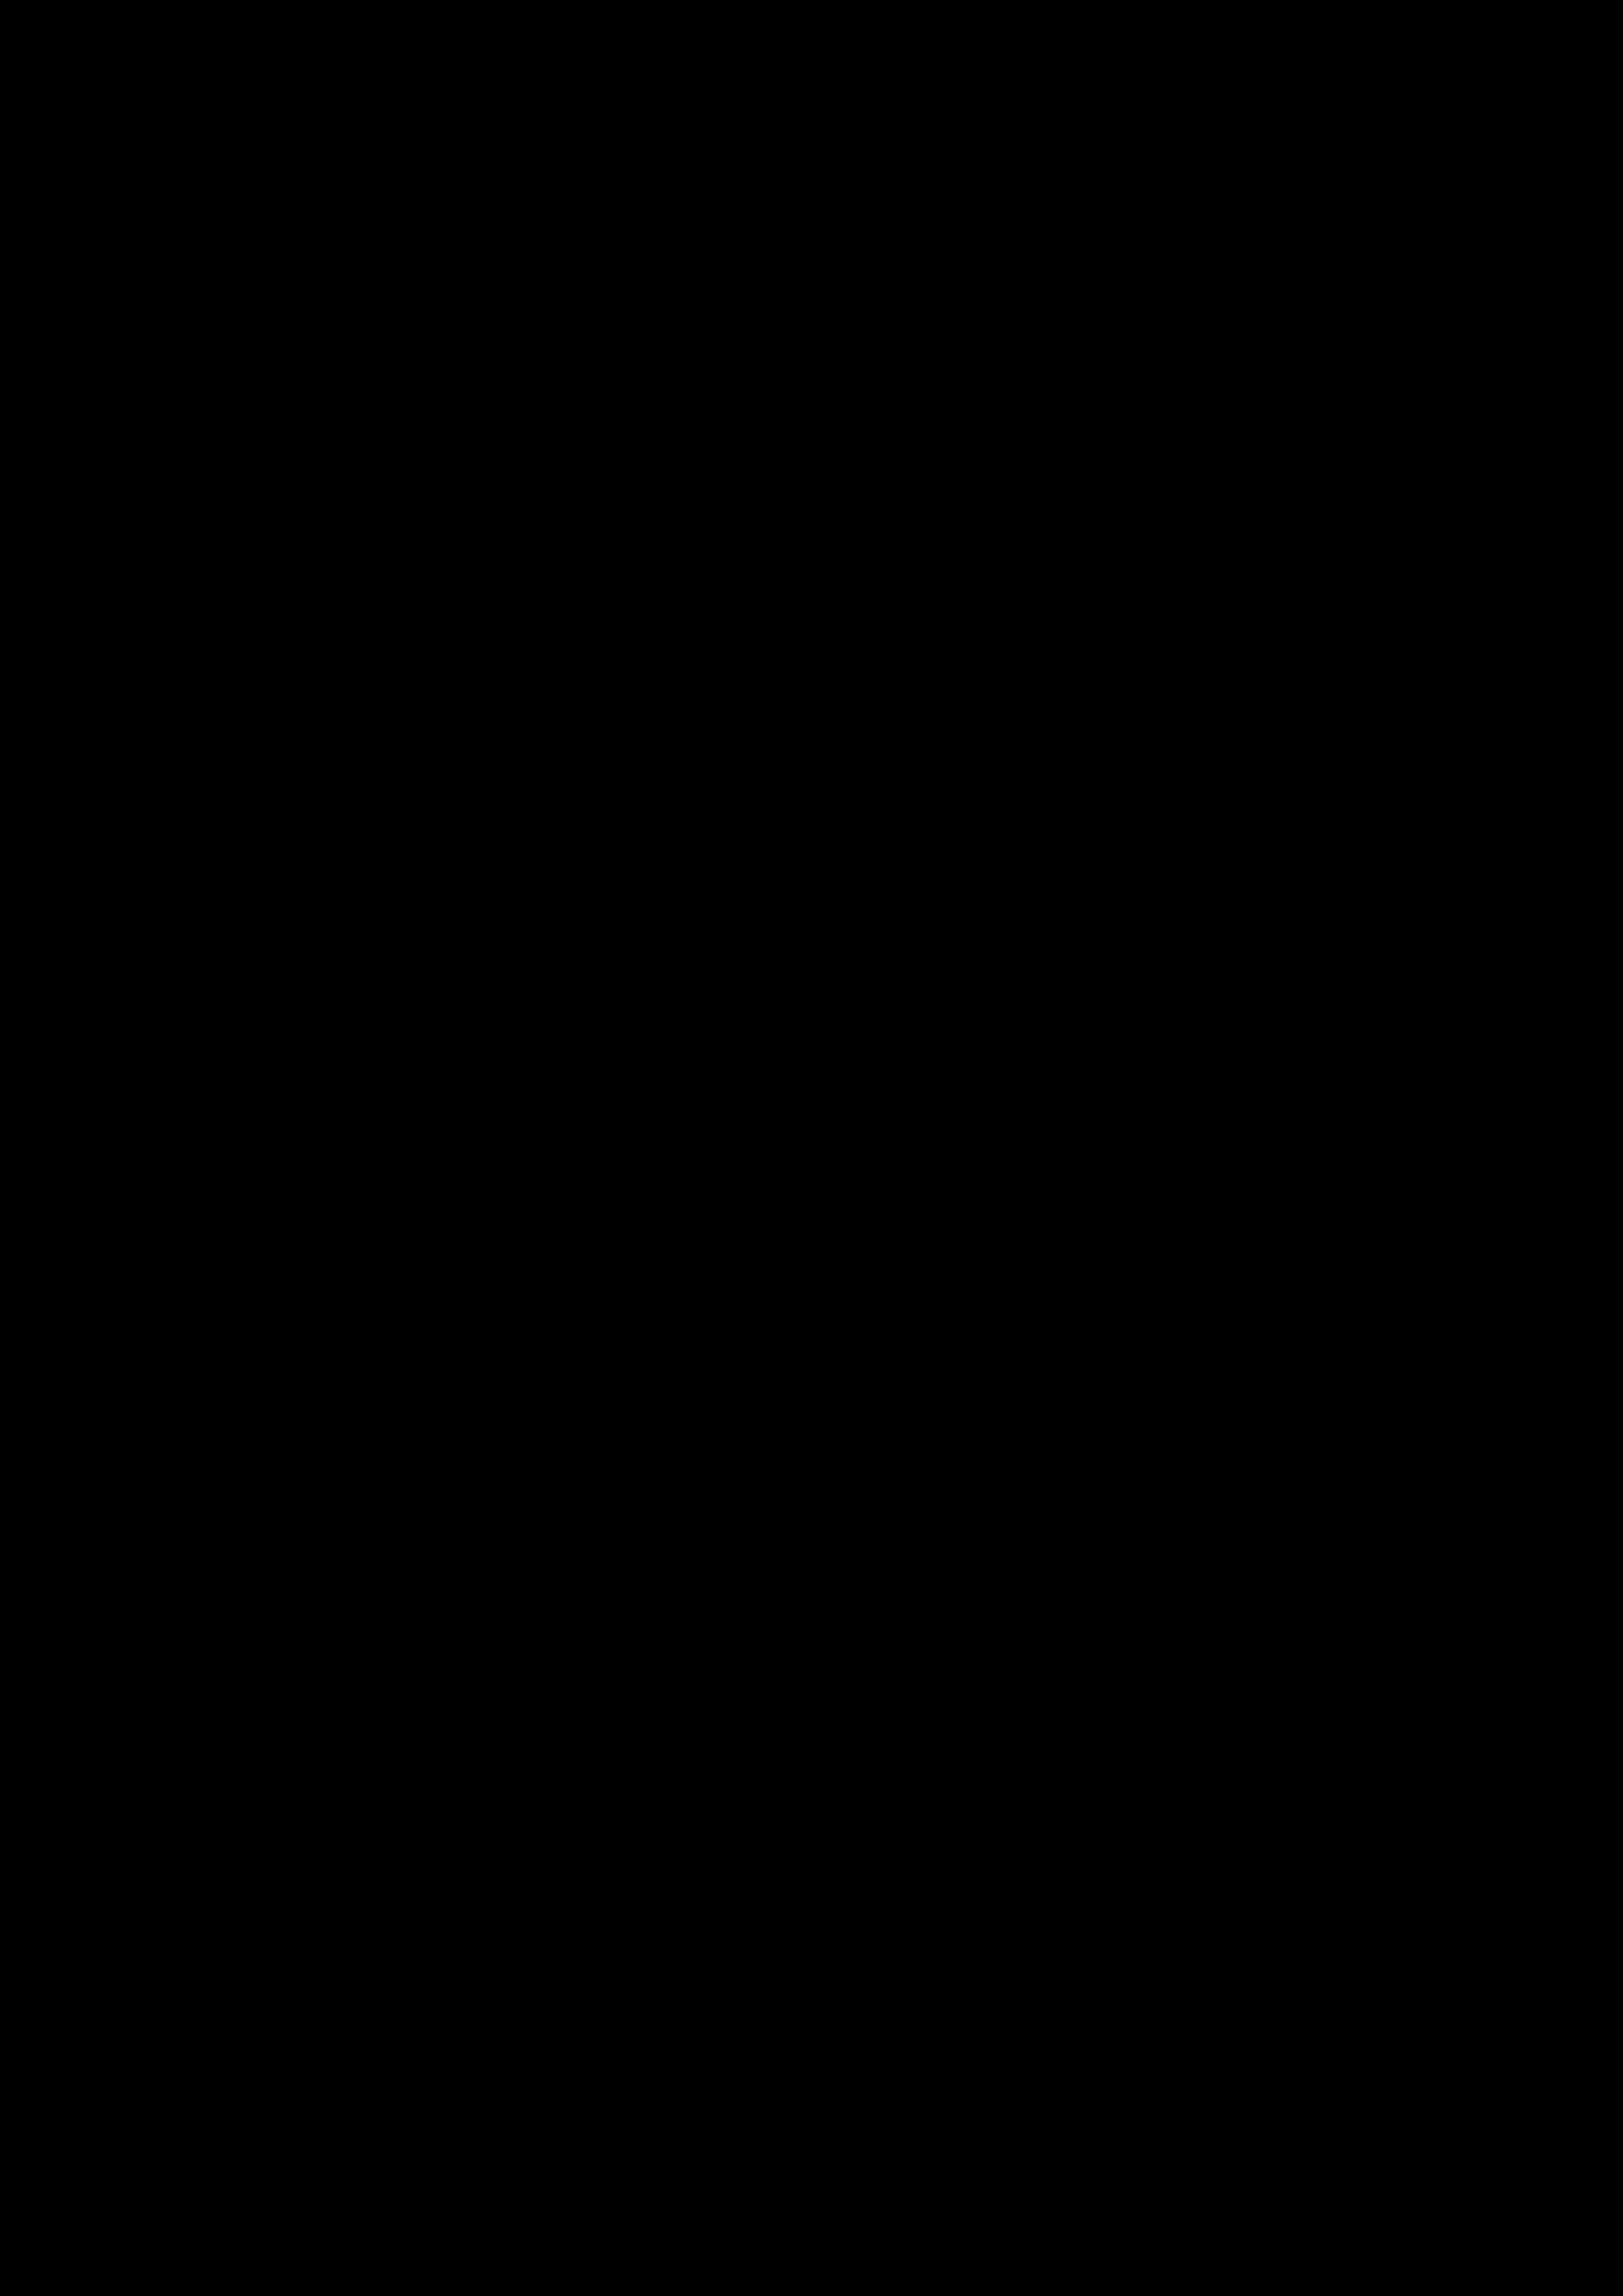 Guadalverano 2019